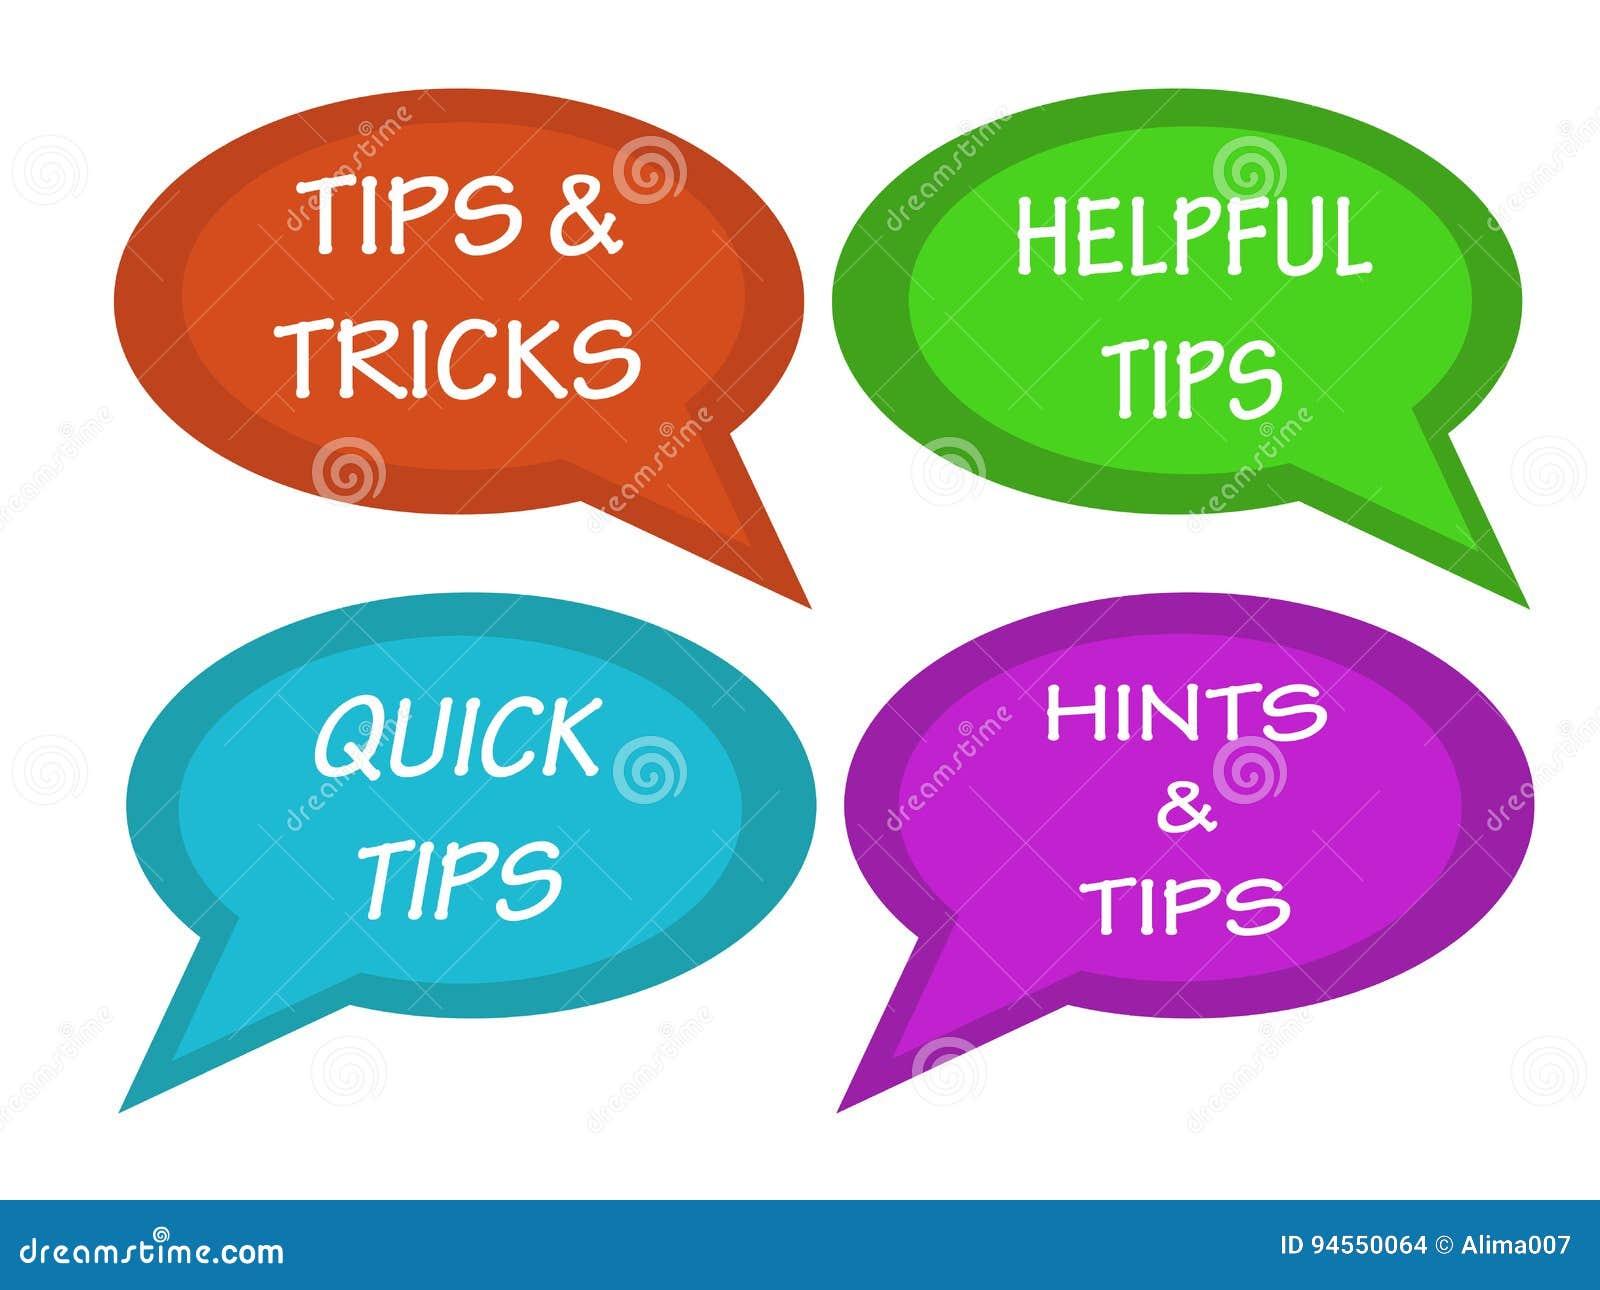 De besprekingen borrelt met inschrijvingsuiteinden en trucs, nuttige uiteinden, snelle uiteinden, wenken en uiteinden